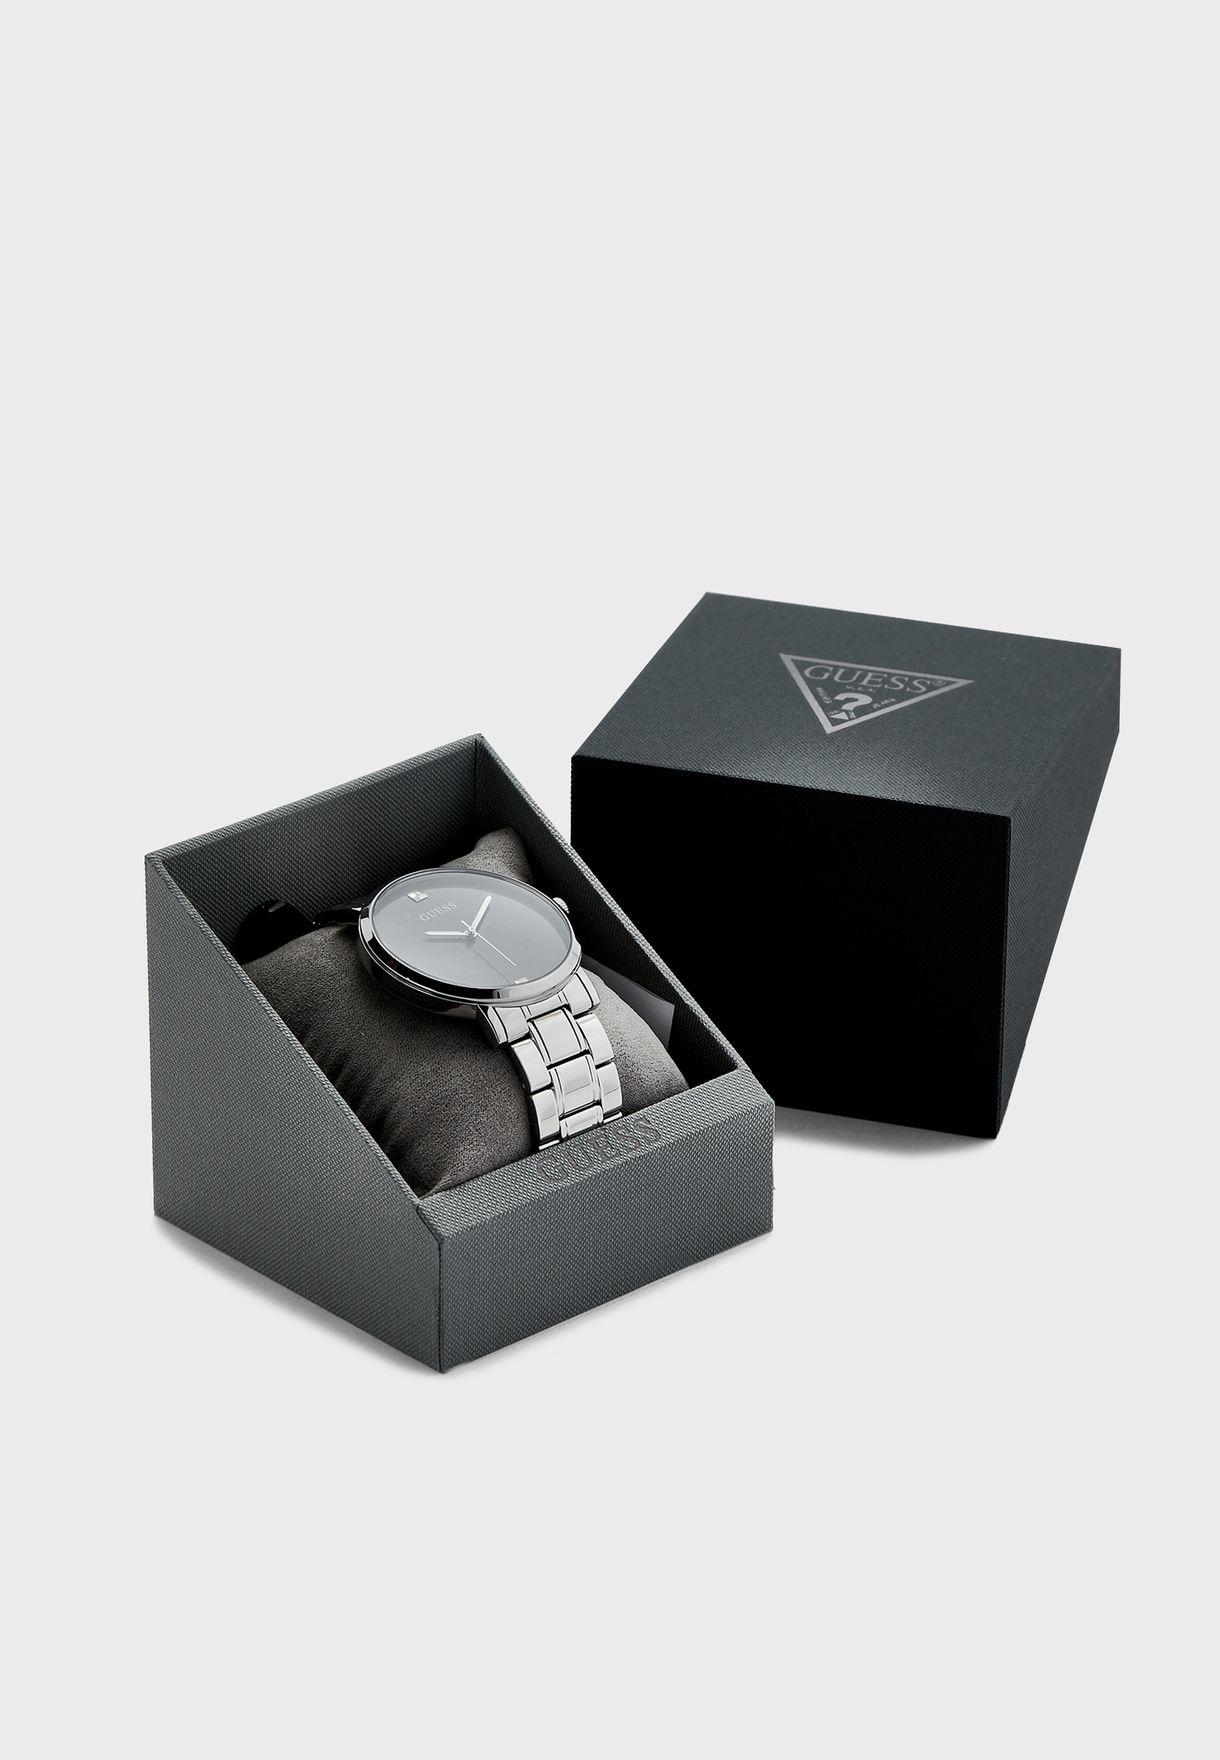 W1315G1 Analog Watch